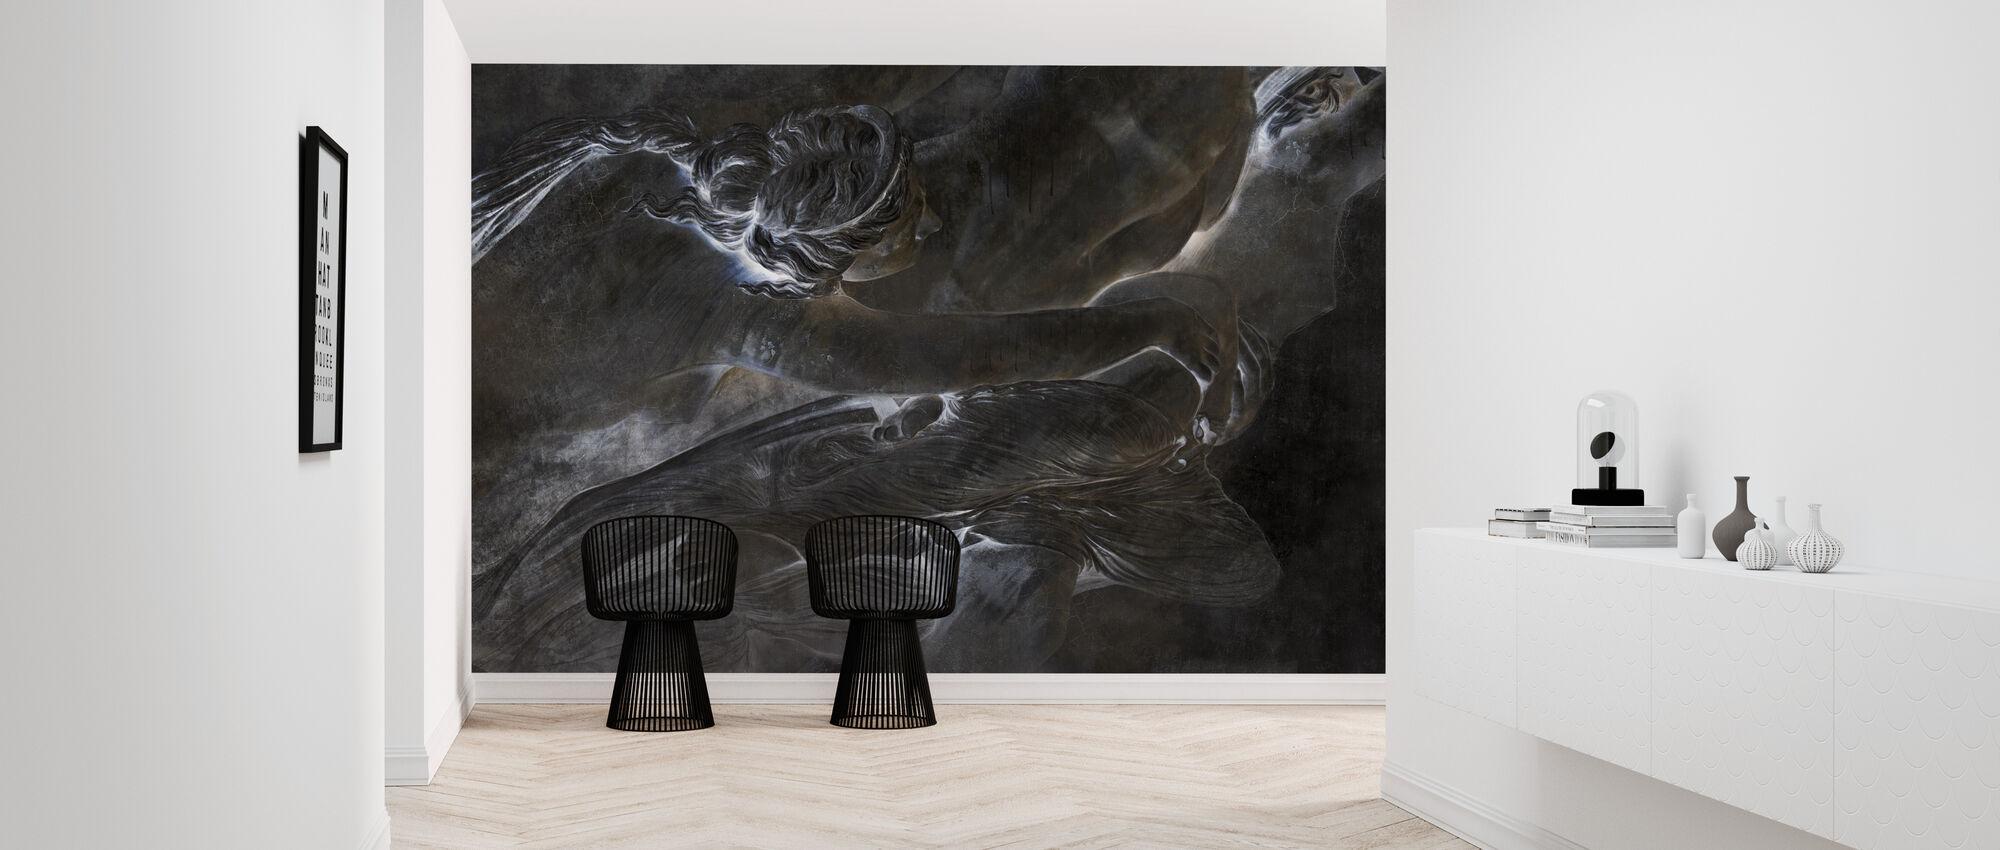 Of the Sculpture - Dark - Wallpaper - Hallway